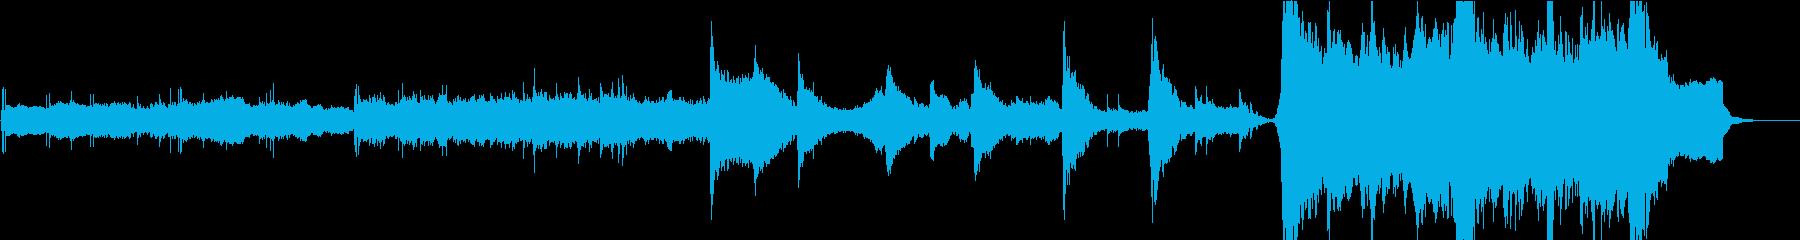 荒廃的で壮大な雰囲気のトレーラー音楽の再生済みの波形